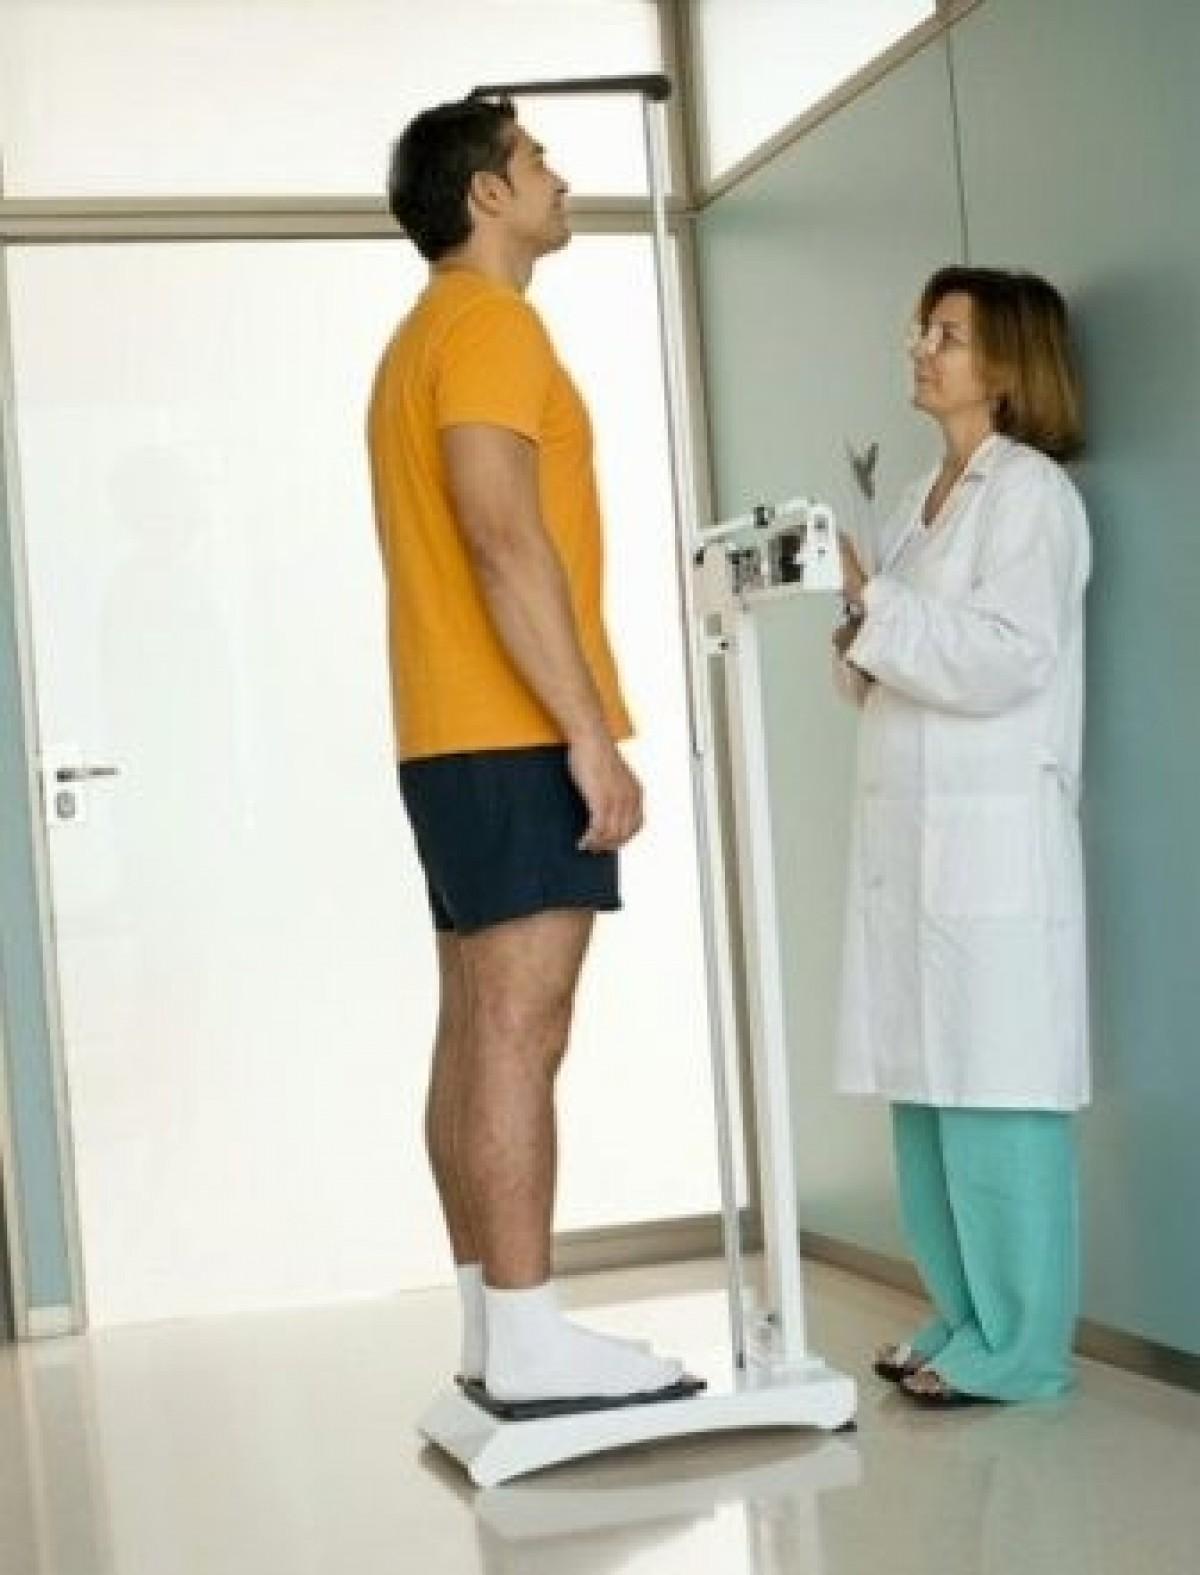 Как увеличить рост на 5-10 см? упражнения, чтобы стать выше